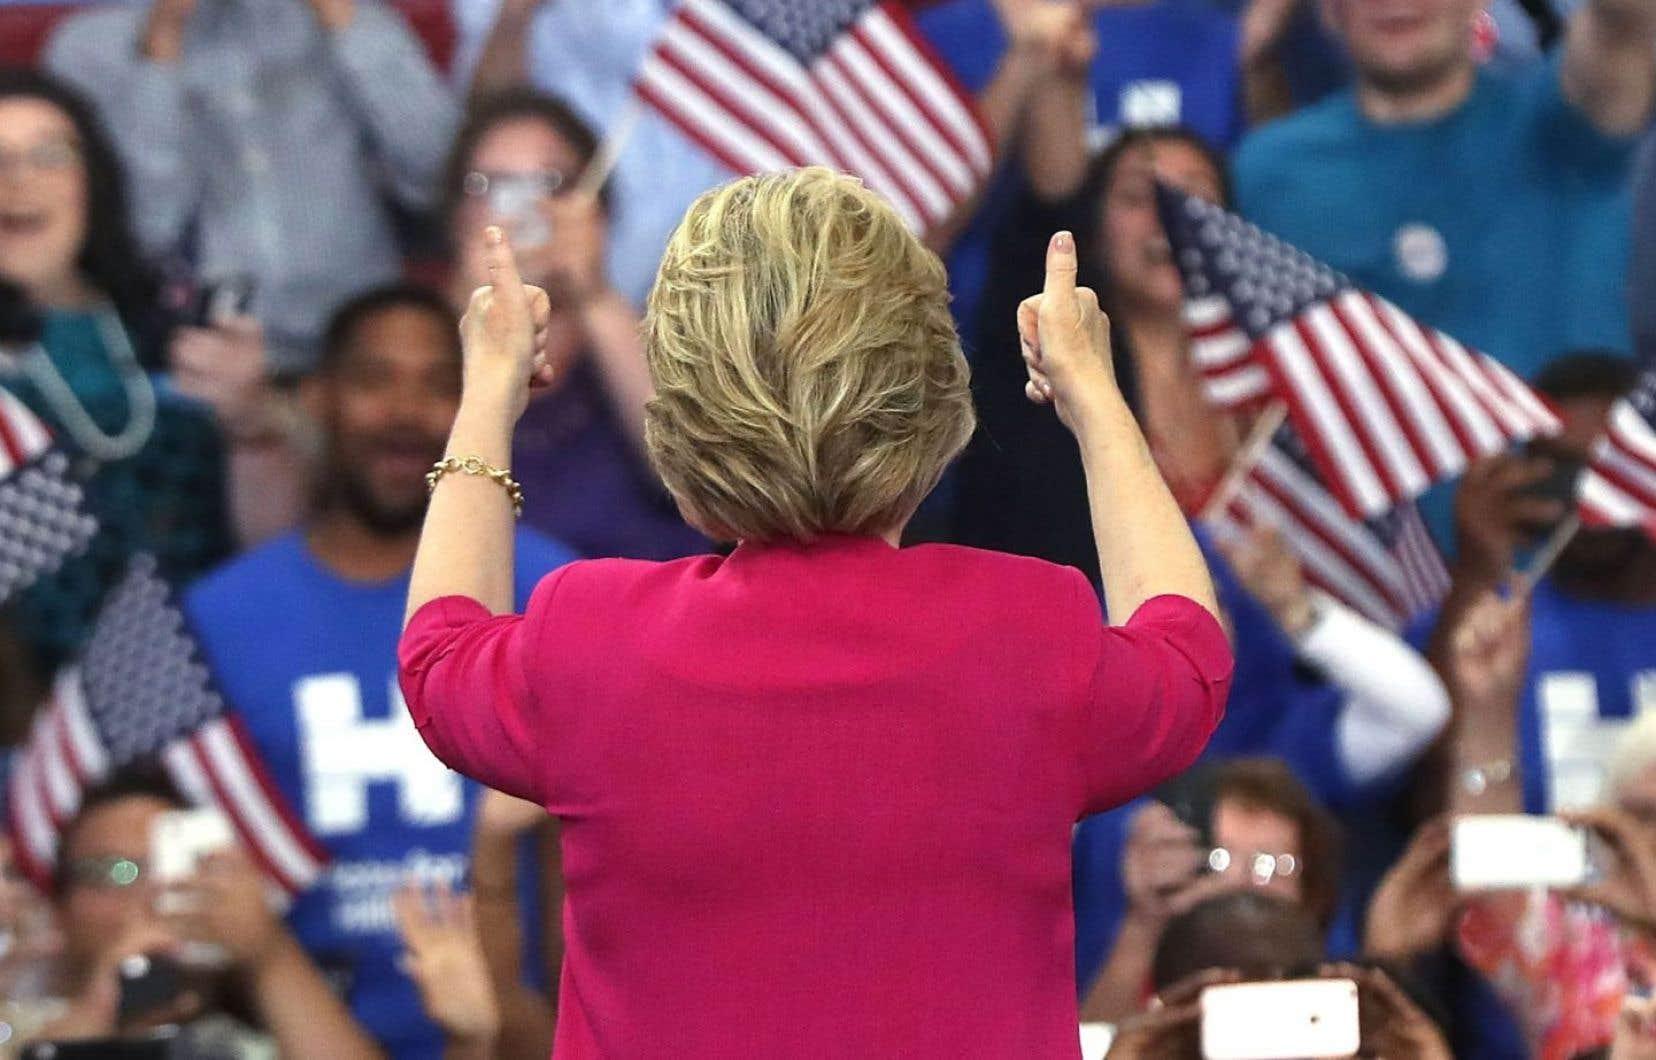 Traditionnelle, mais moderne: par son discours, Hillary Clinton s'est peut-être finalement positionnée en plein centre.